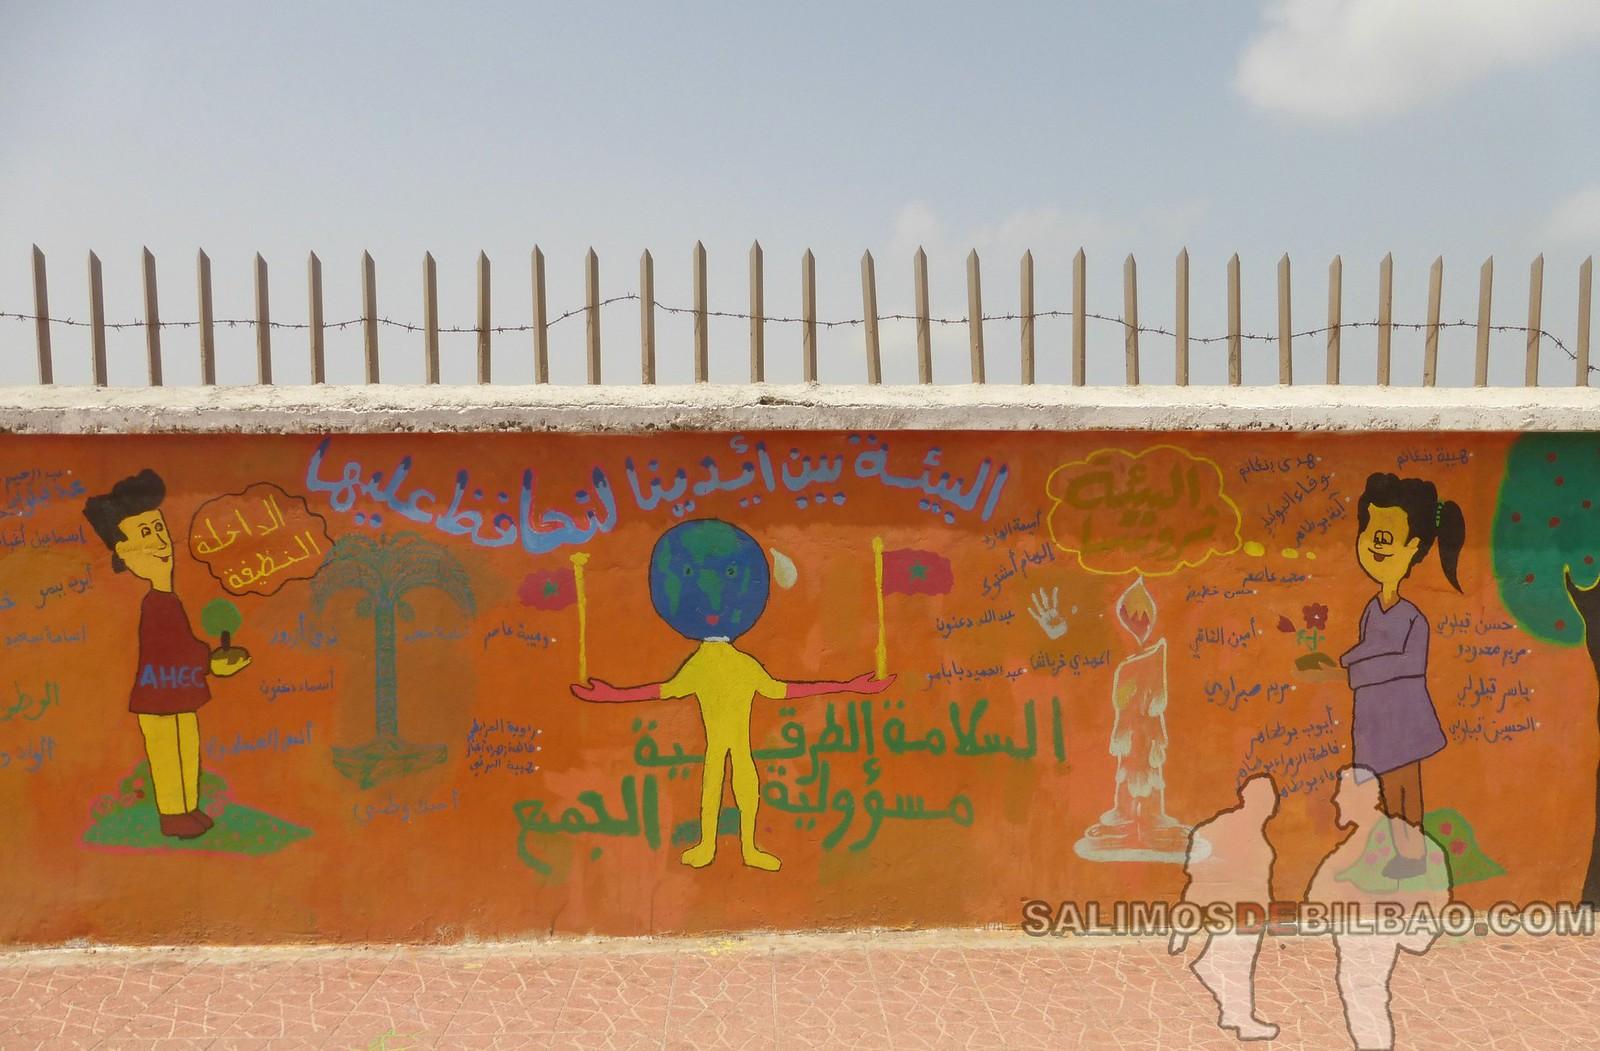 178. Grafitis, Paseo del al centro, Dakhla